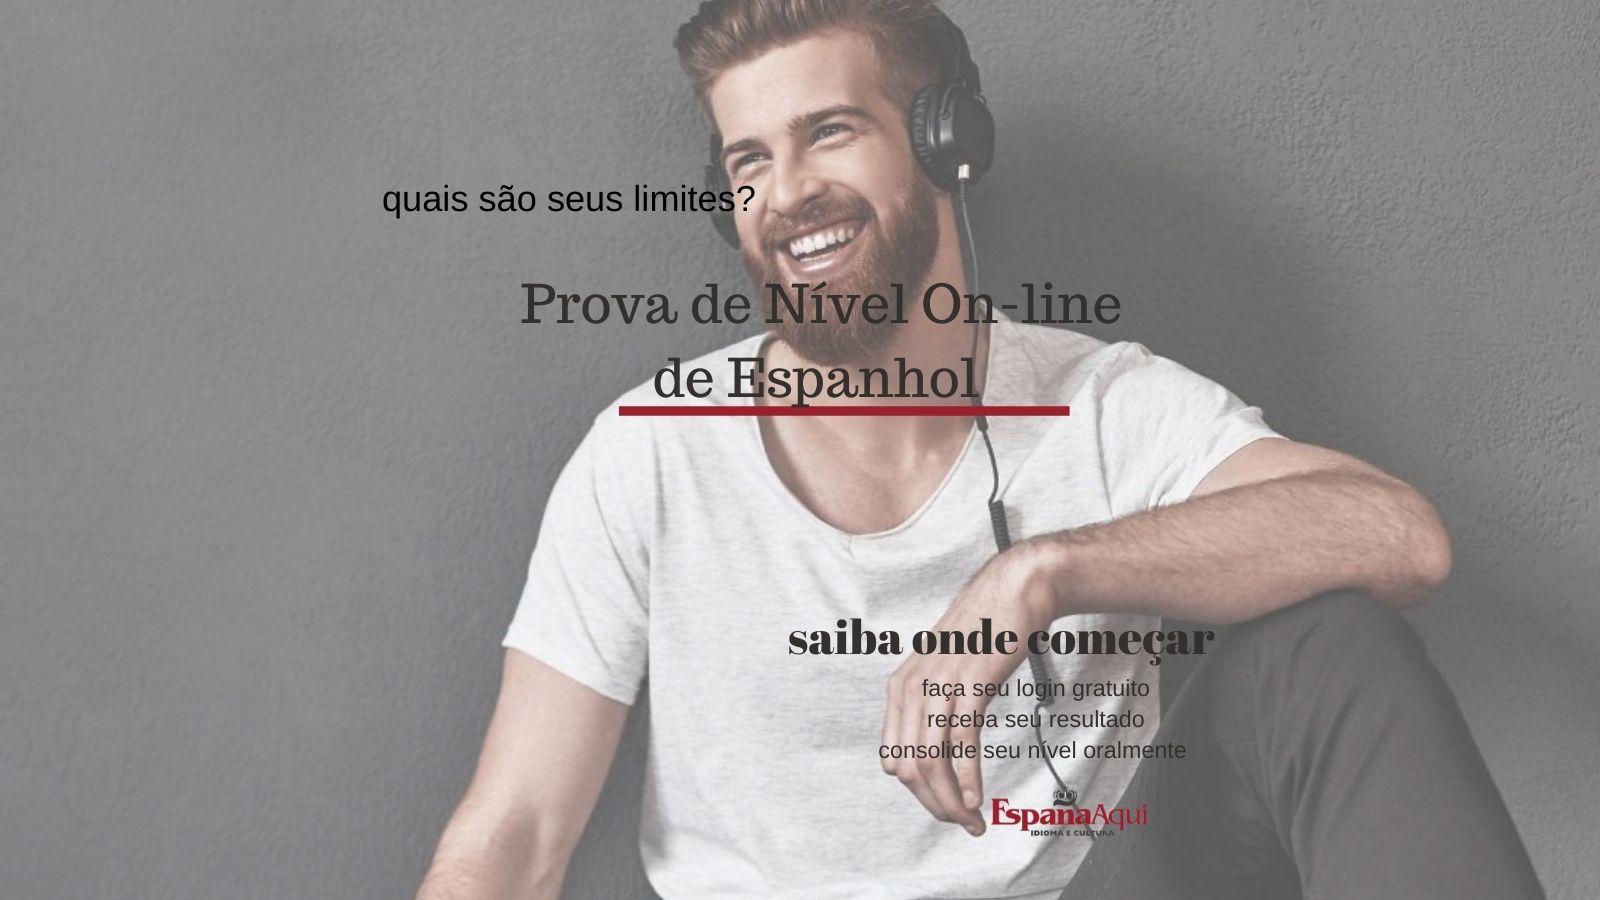 https://www.espanaaqui.com.br/pdf/fevereiro%202021/site.%20%20saiba%20seu%20n%c3%advel.jpg